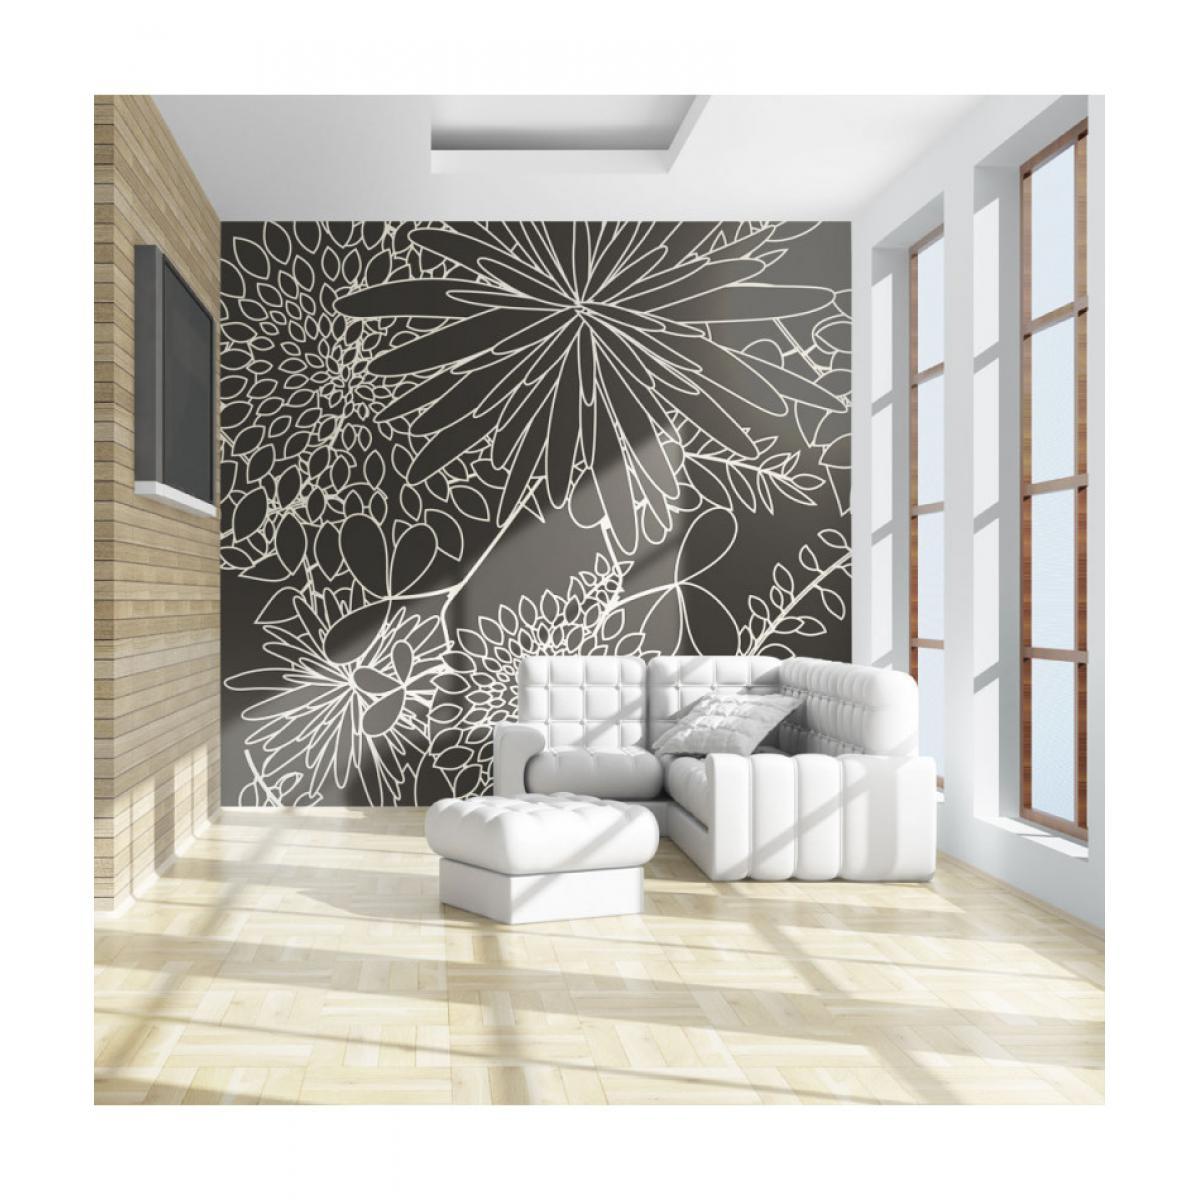 Artgeist Papier peint - Motif floral noir et blanc 250x193